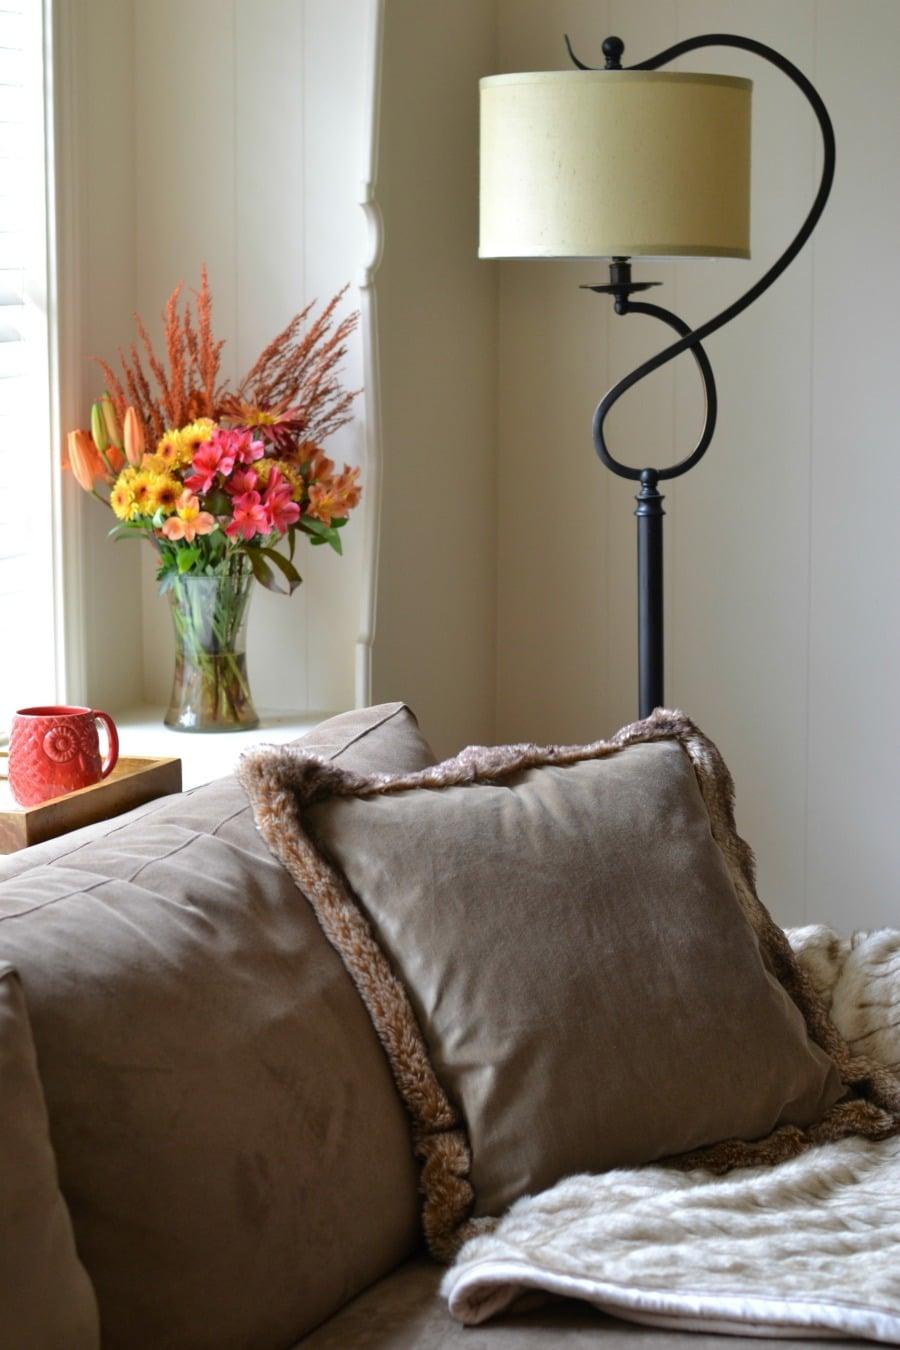 pottery-barn-faux-fur-pillow